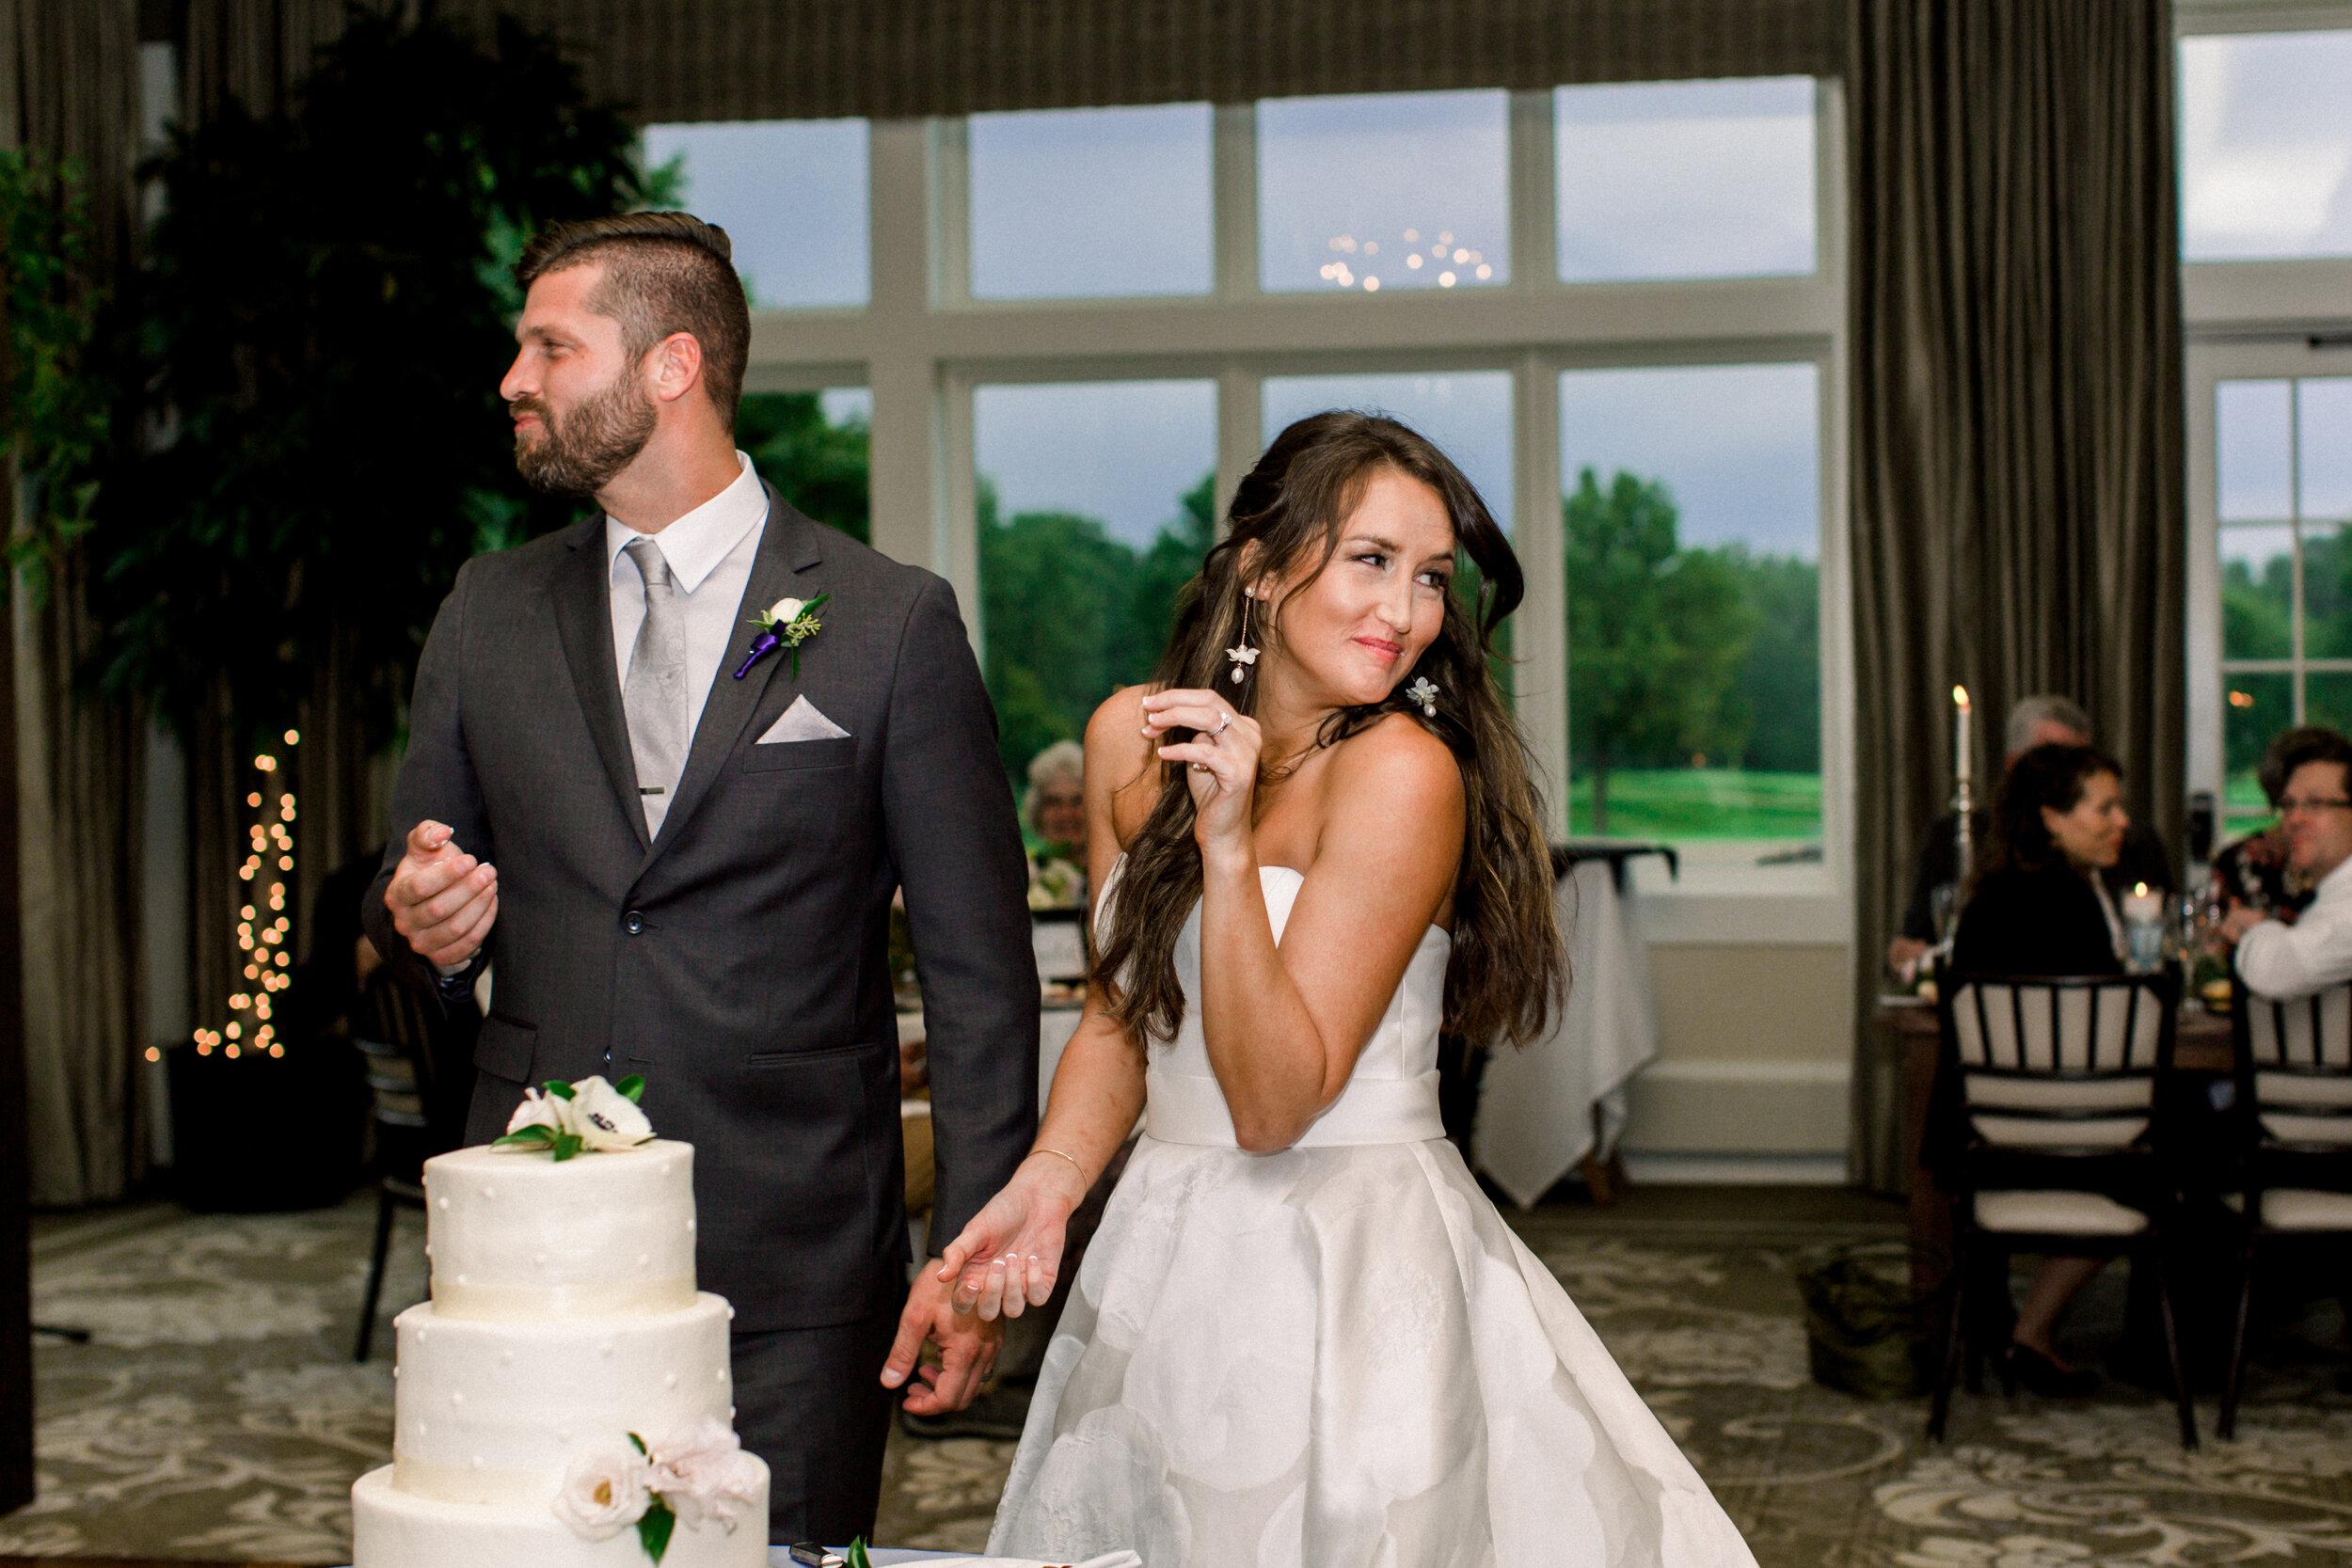 Kuiper+Wedding+Reception-37.jpg